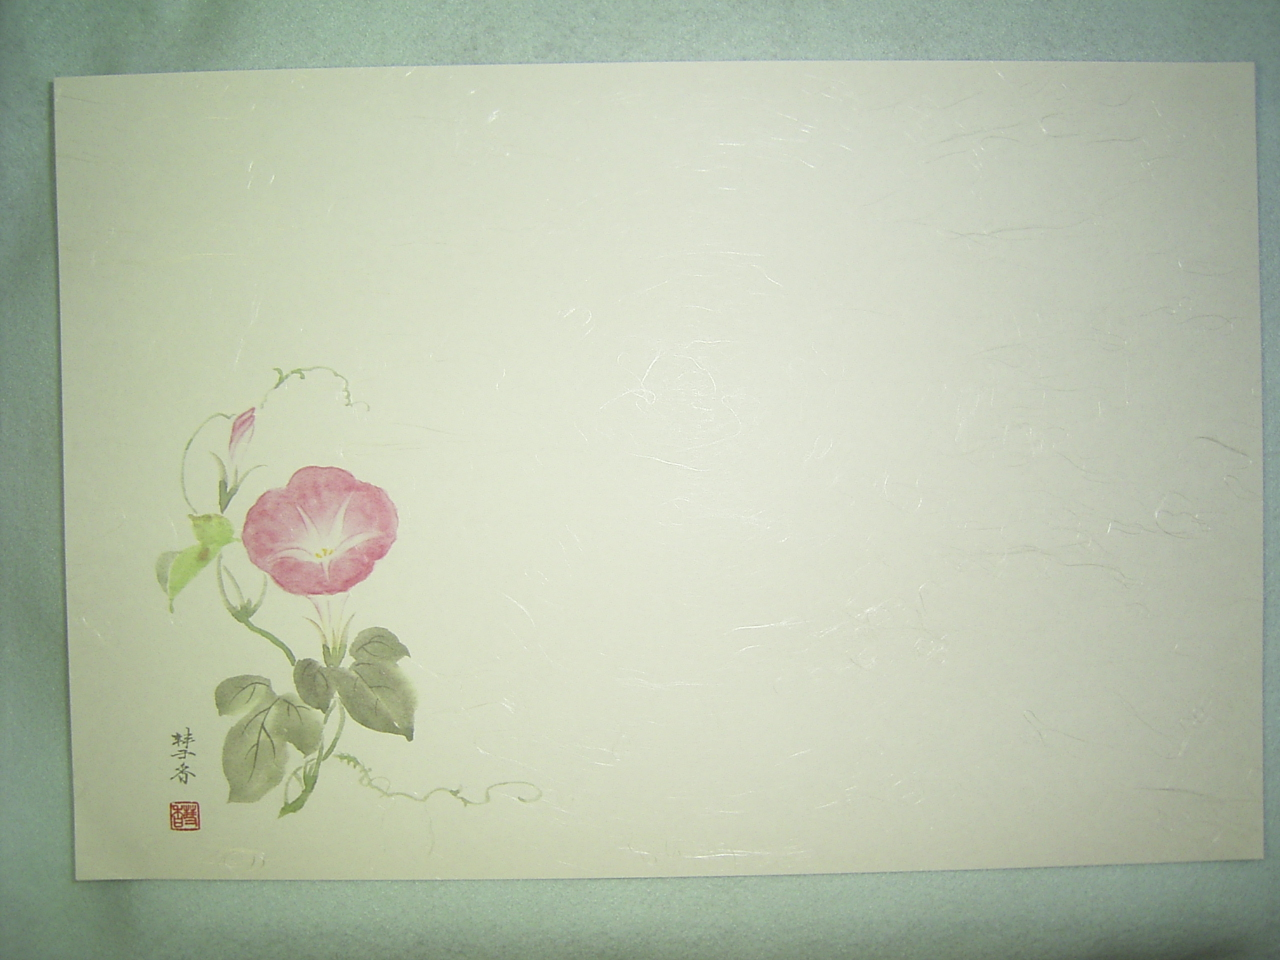 テーブルマット 和風輝「朝顔」 26.5×390mm 100枚